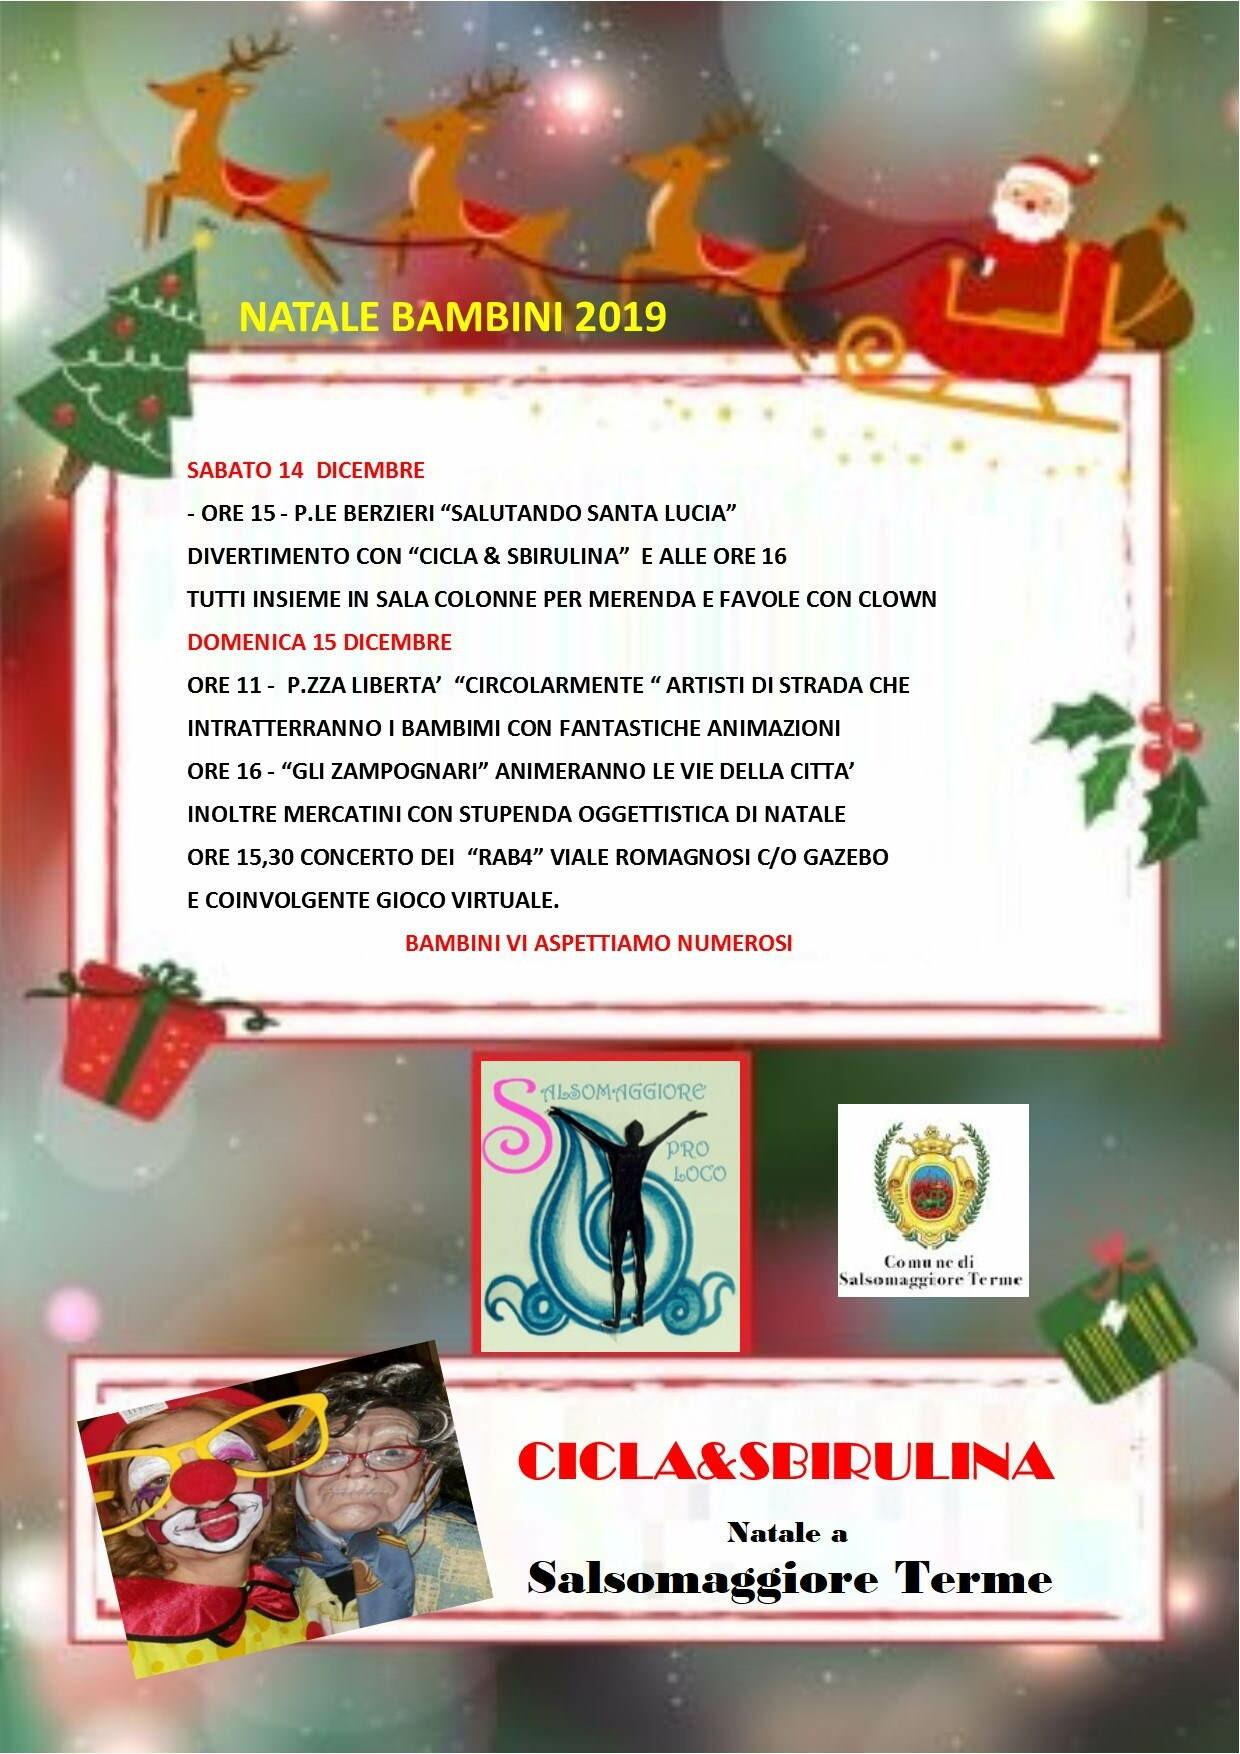 Natale bimbi 2019 a Salsomaggiore